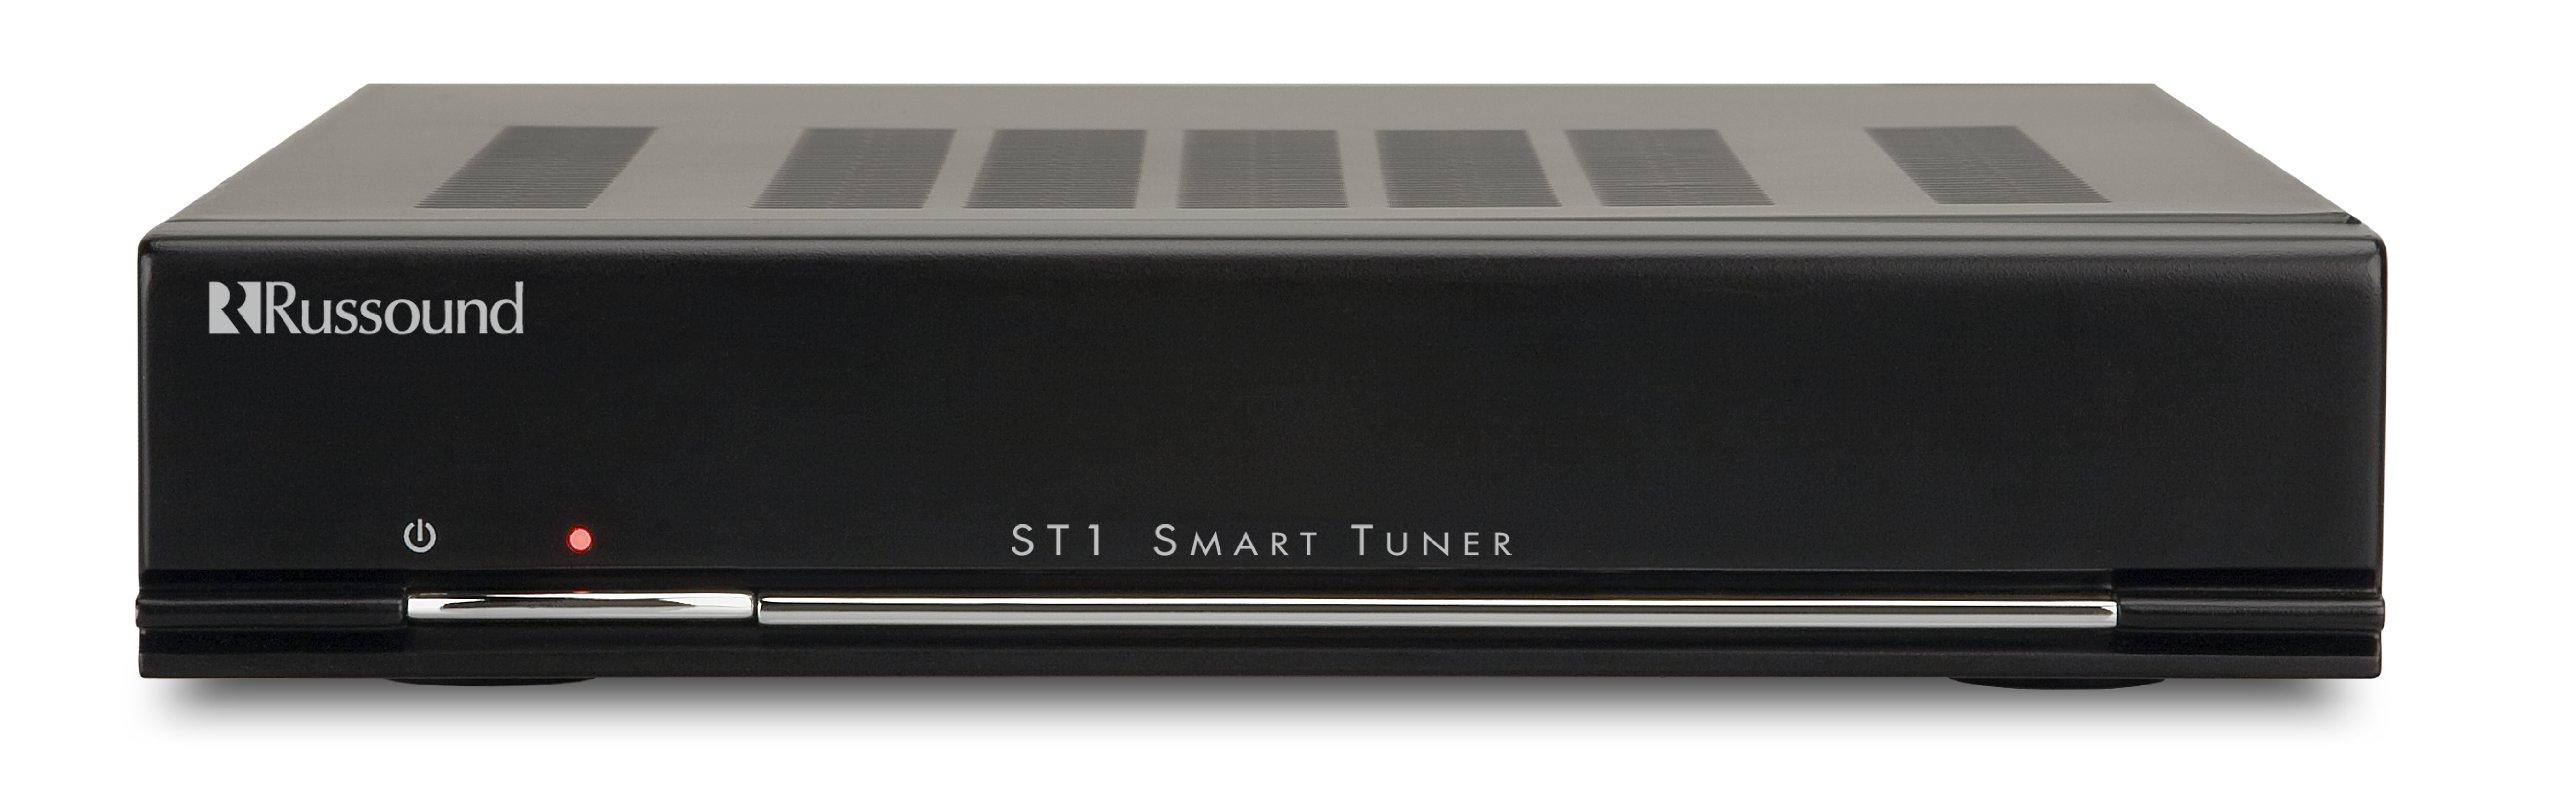 Russound ST1 Single AM/FM Tuner by Russound